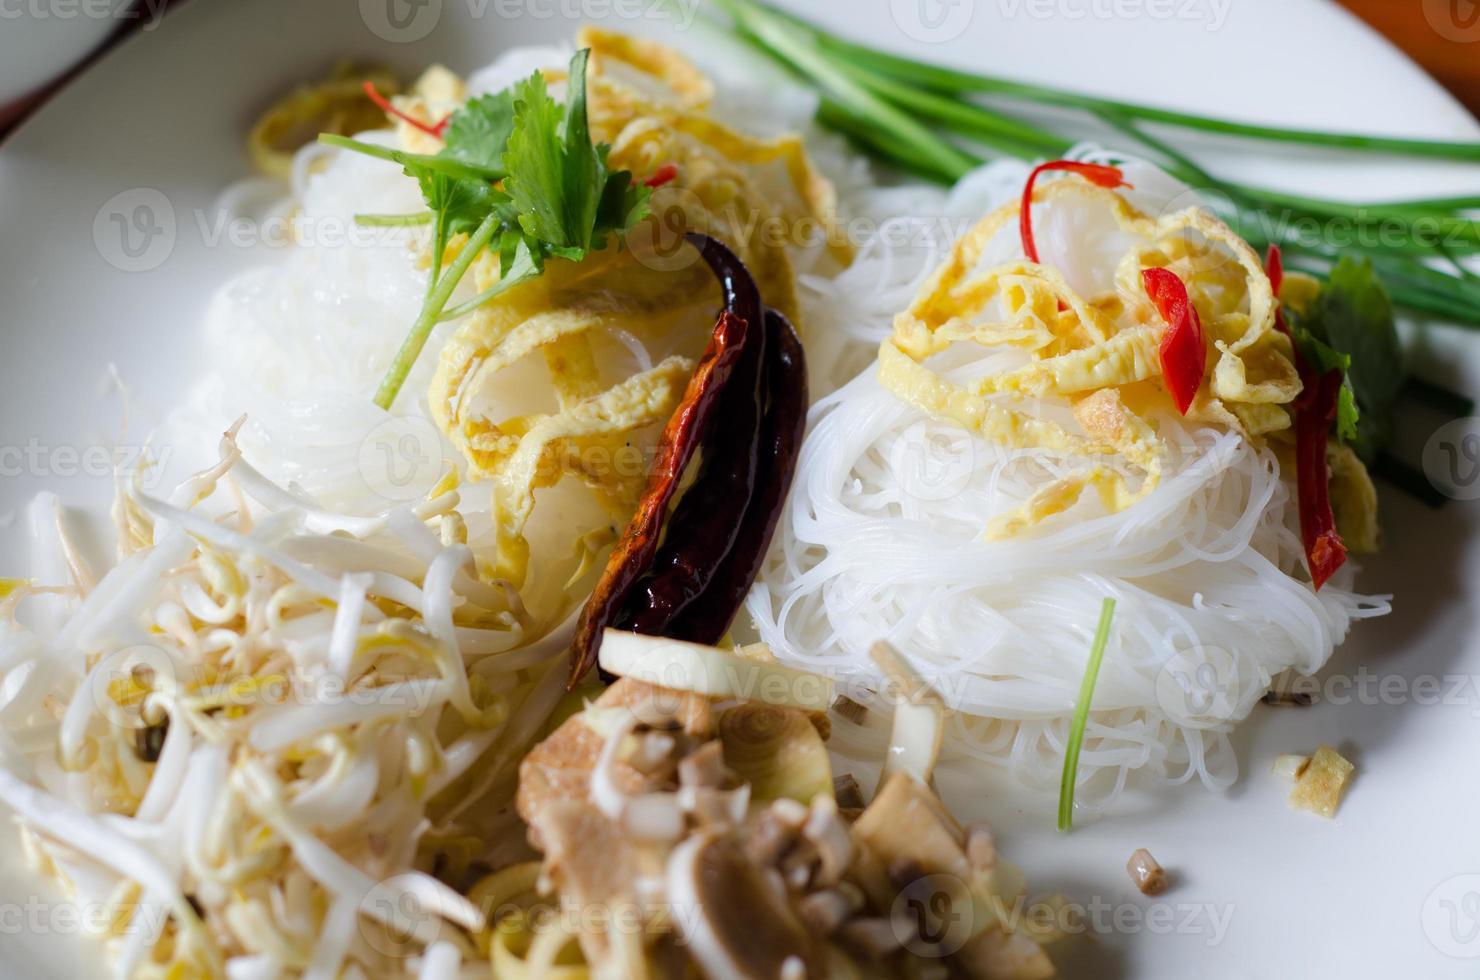 nouilles de riz dans une sauce au lait de coco (mee kati) photo